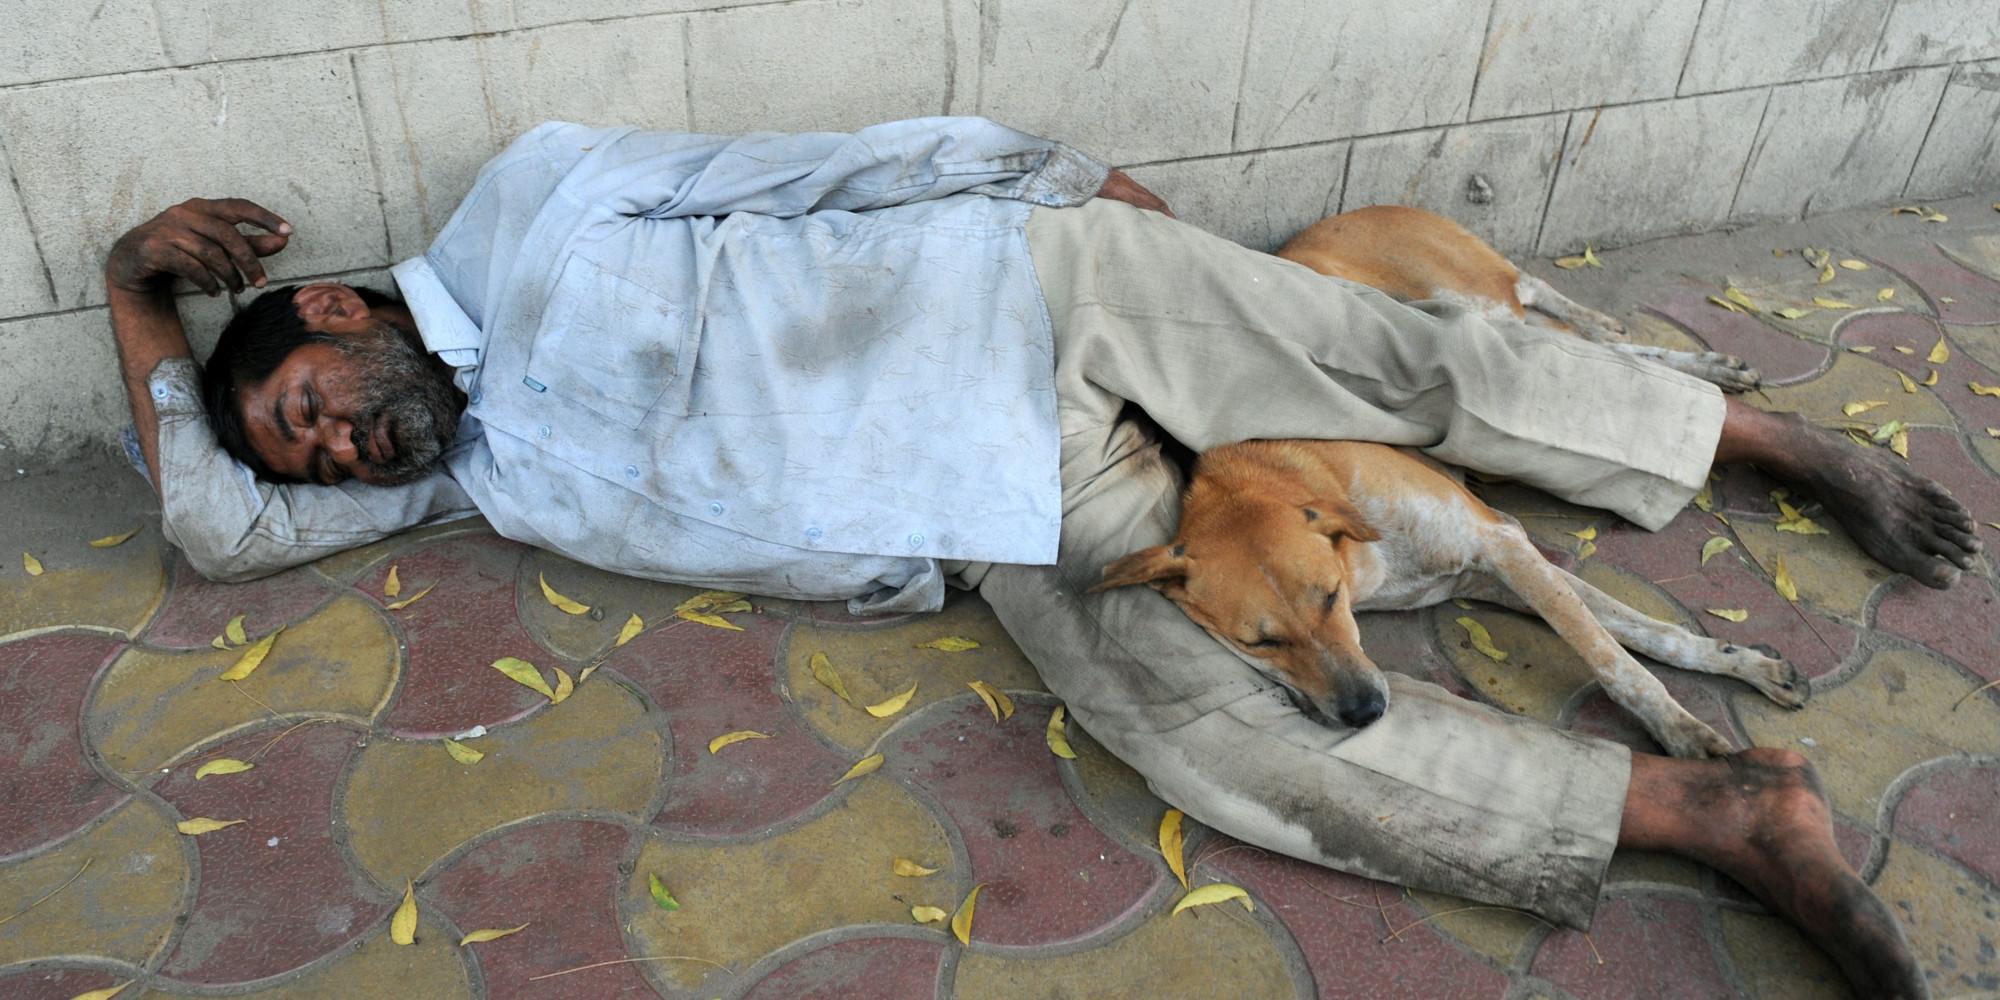 blog offener brief familie alle hundehalter